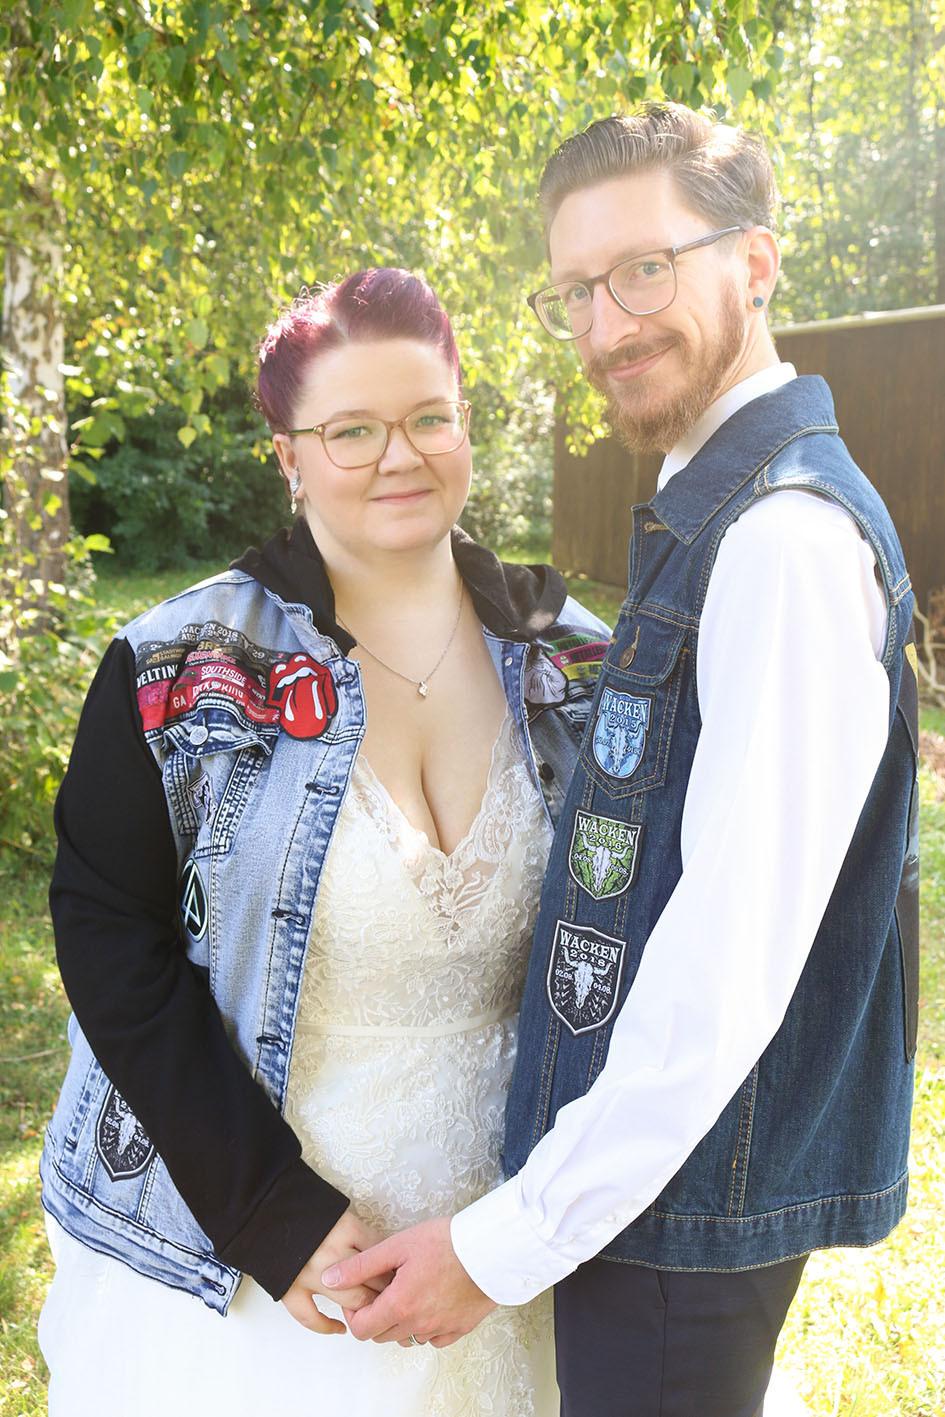 Nina und Christian mit stehen unter einer Birke. Sie tragen Ihre Fan-Jacken.